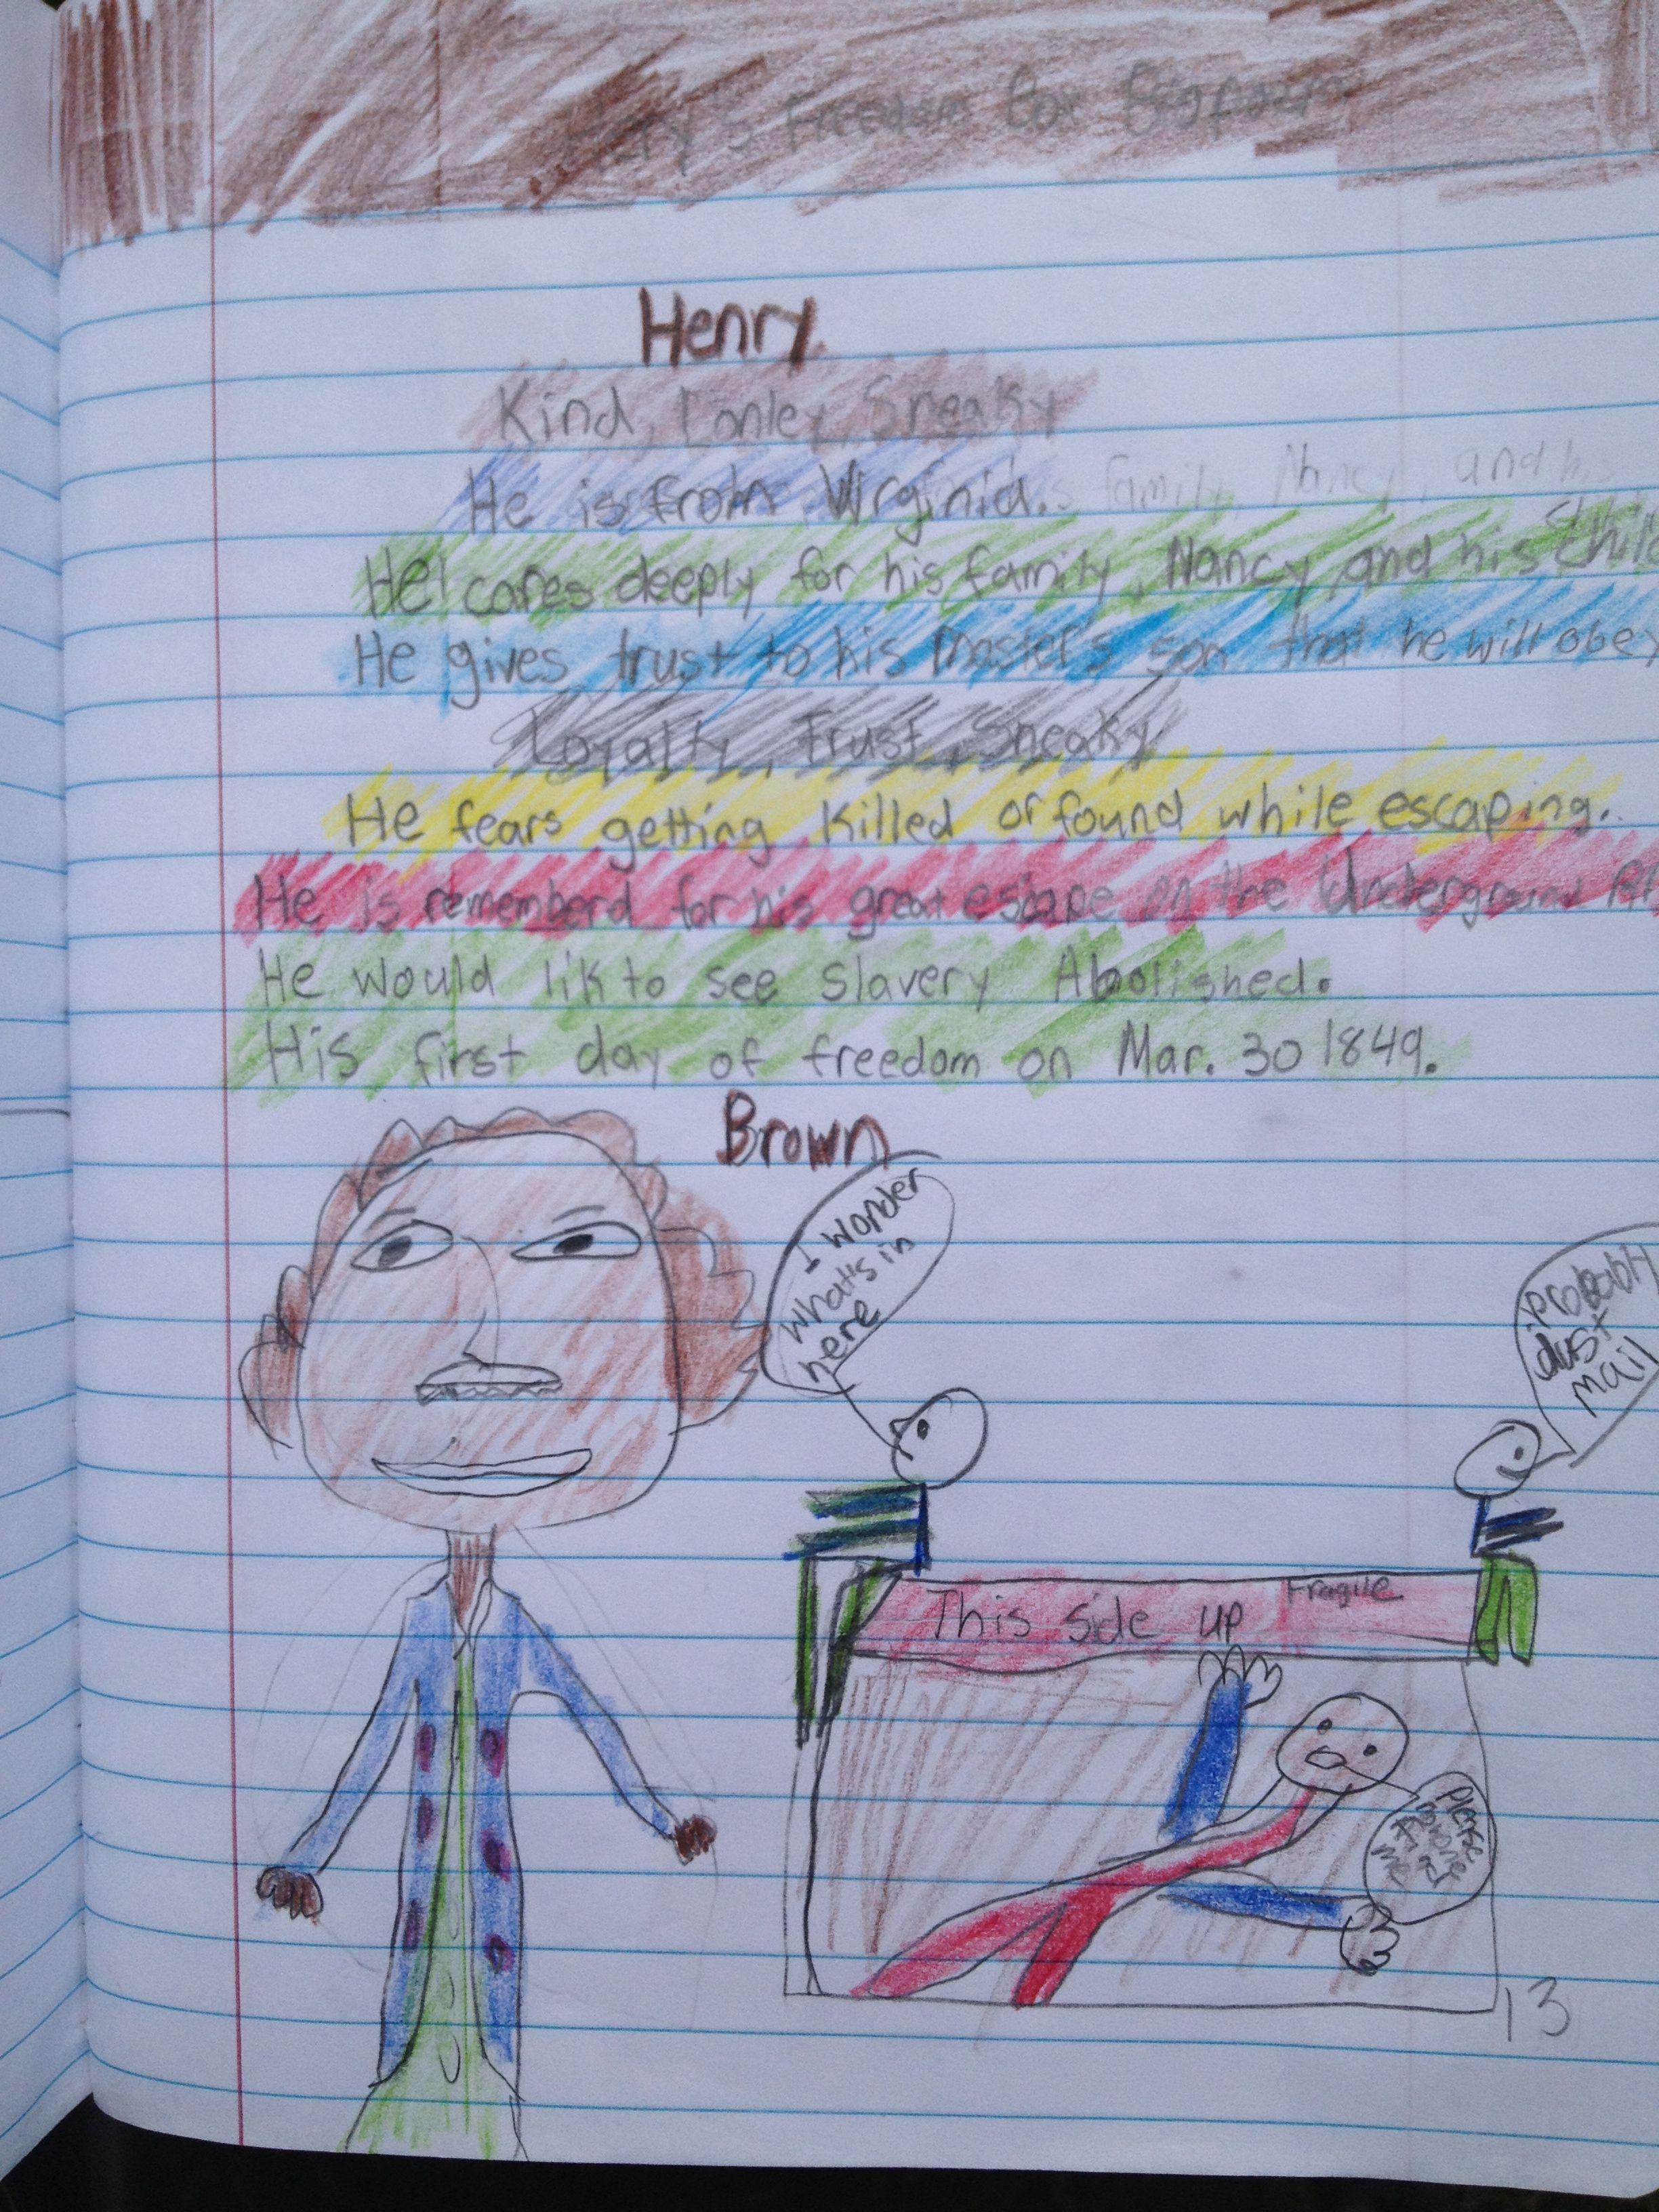 Bio Poem Henry S Freedom Box